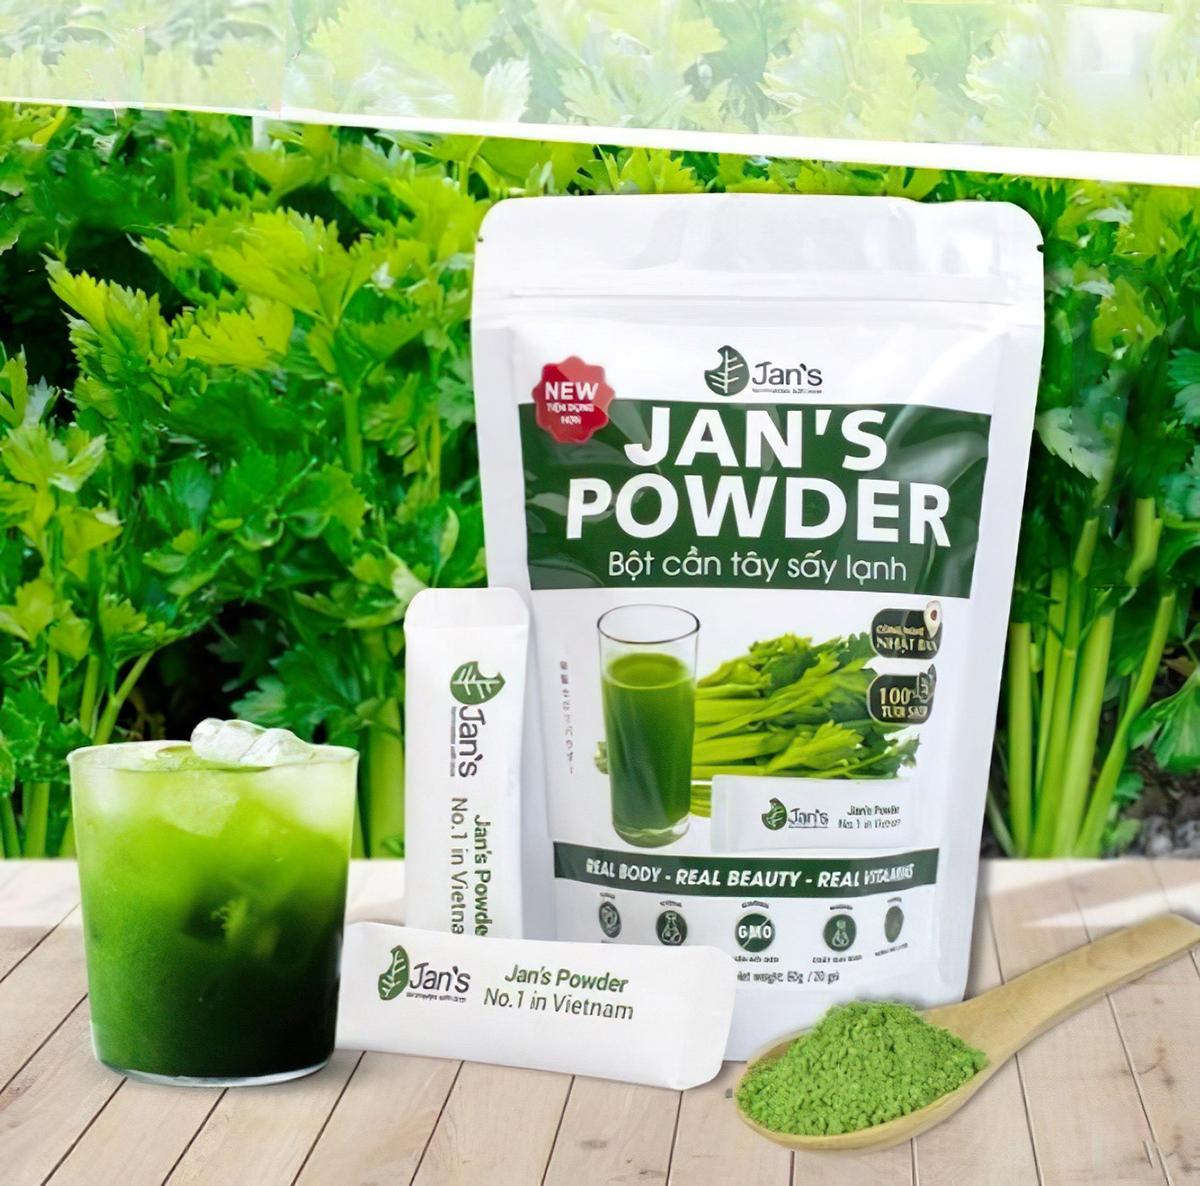 Bột cần tây Jans được trồng và sản xuất tại Việt Nam. XIN TÊN NGƯỜI CHỤP ẢNH.